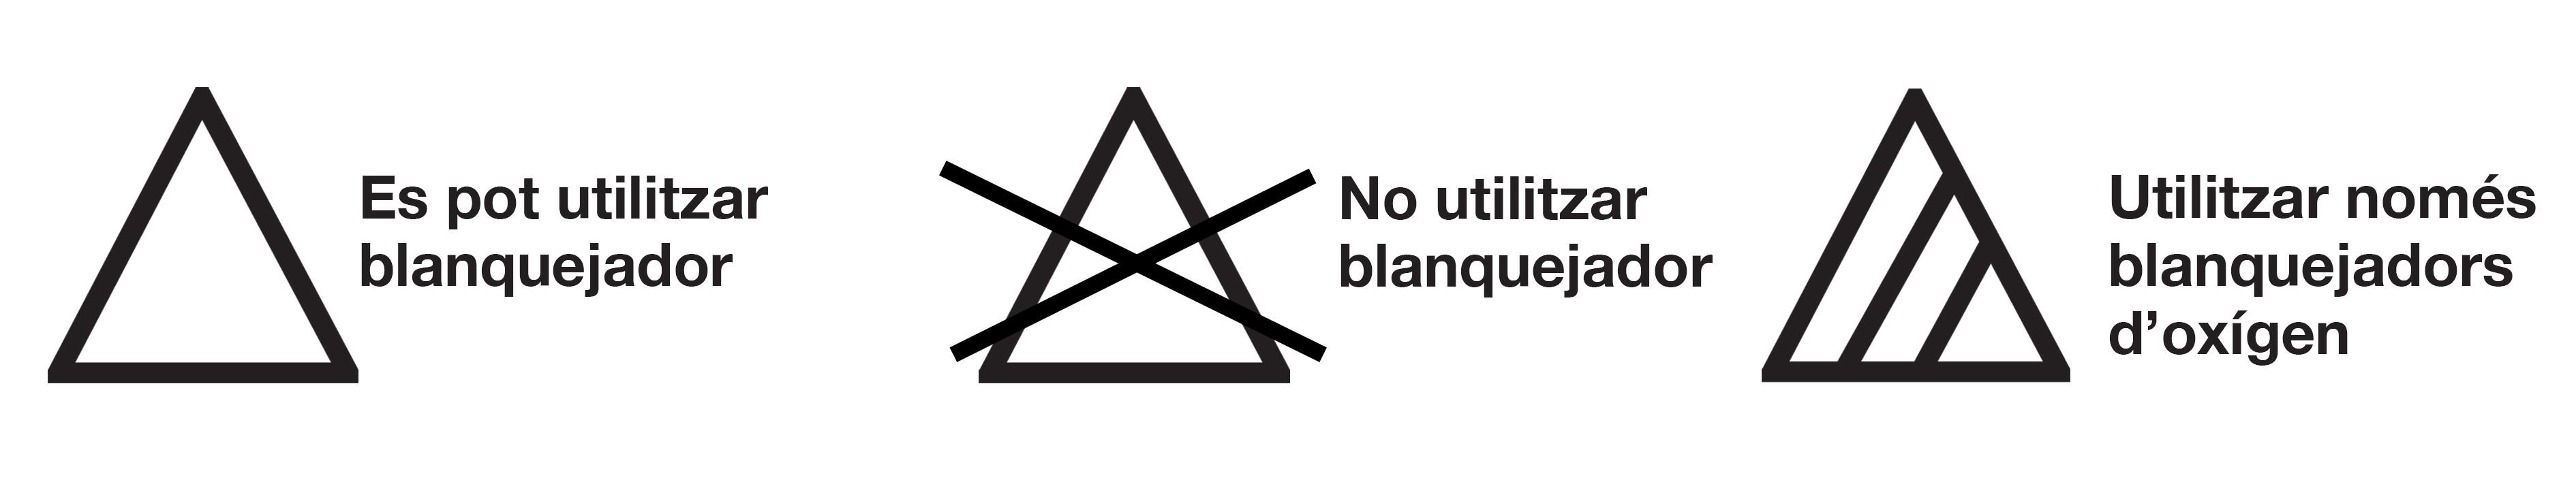 instrucciones-blanqueadorCAT